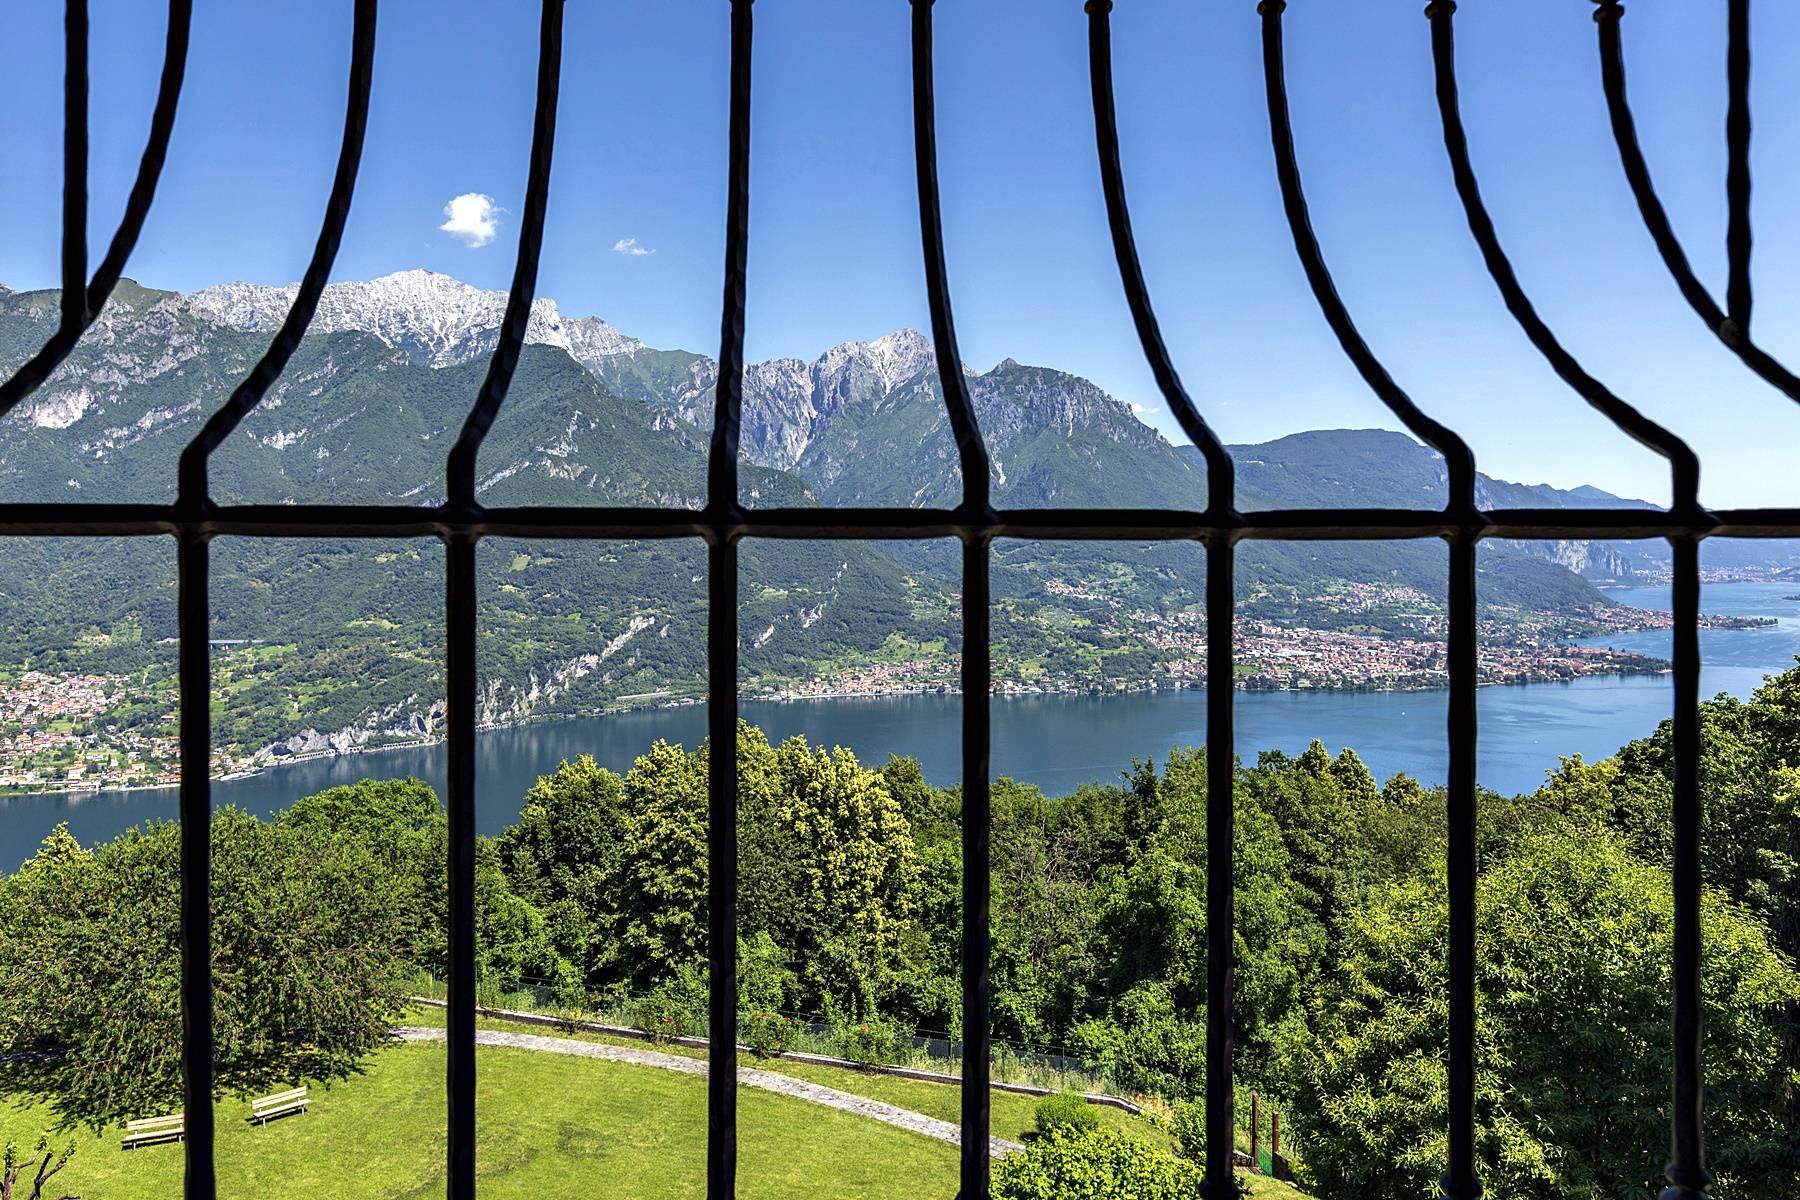 Villa in Vendita a Civenna: 5 locali, 278 mq - Foto 20